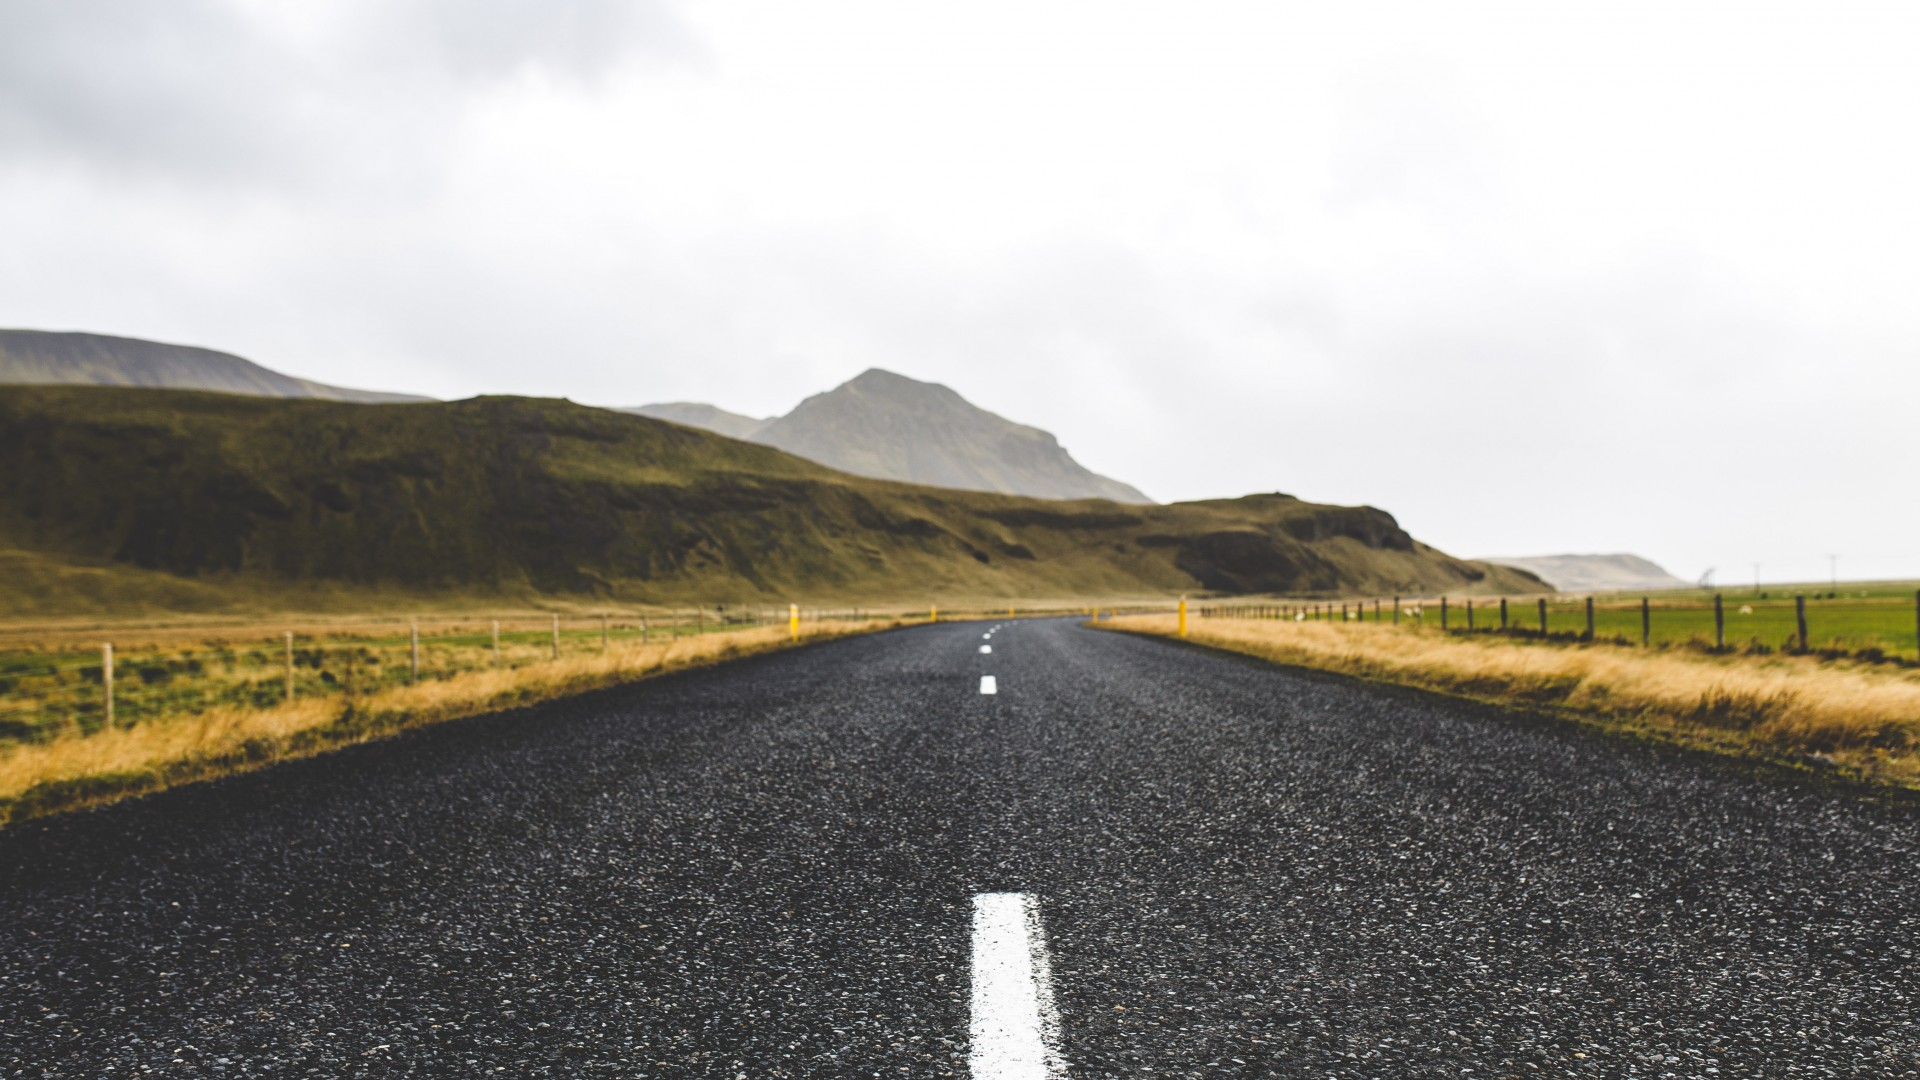 Energie-Alternativen für einen nachhaltigeren Straßenverkehr